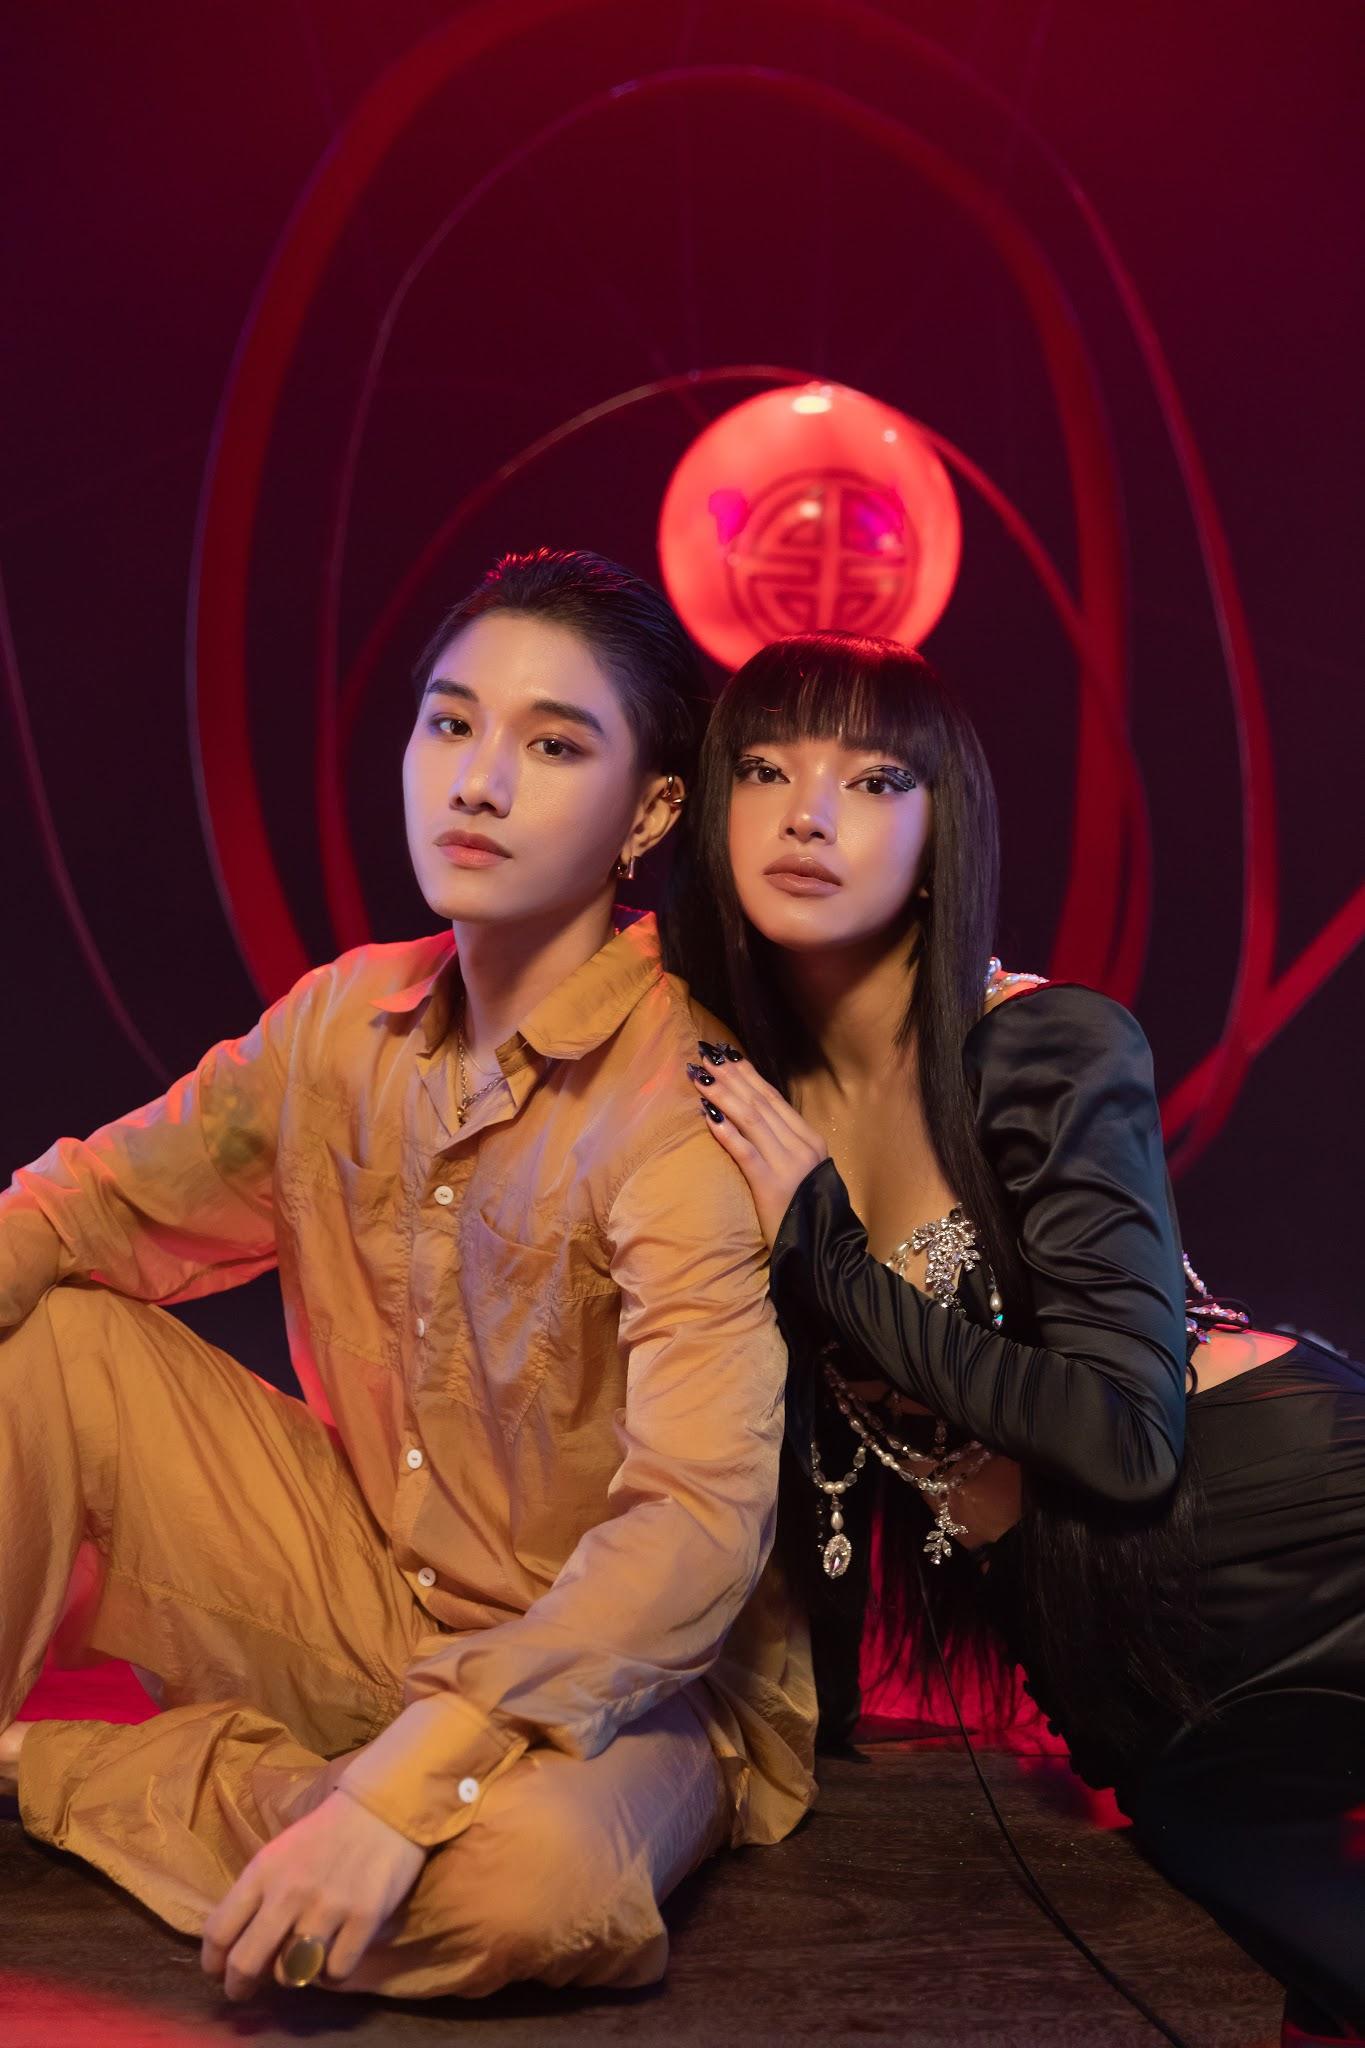 """MV JUUN D x Châu Bùi có gì hot: Chàng thì """"ngốc"""", nàng thì """"bốc"""" và style đều rất """"sốc""""! - Ảnh 9."""